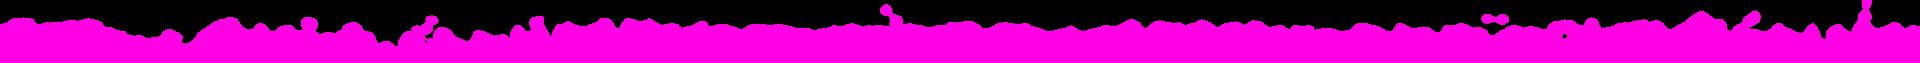 Pink Separator